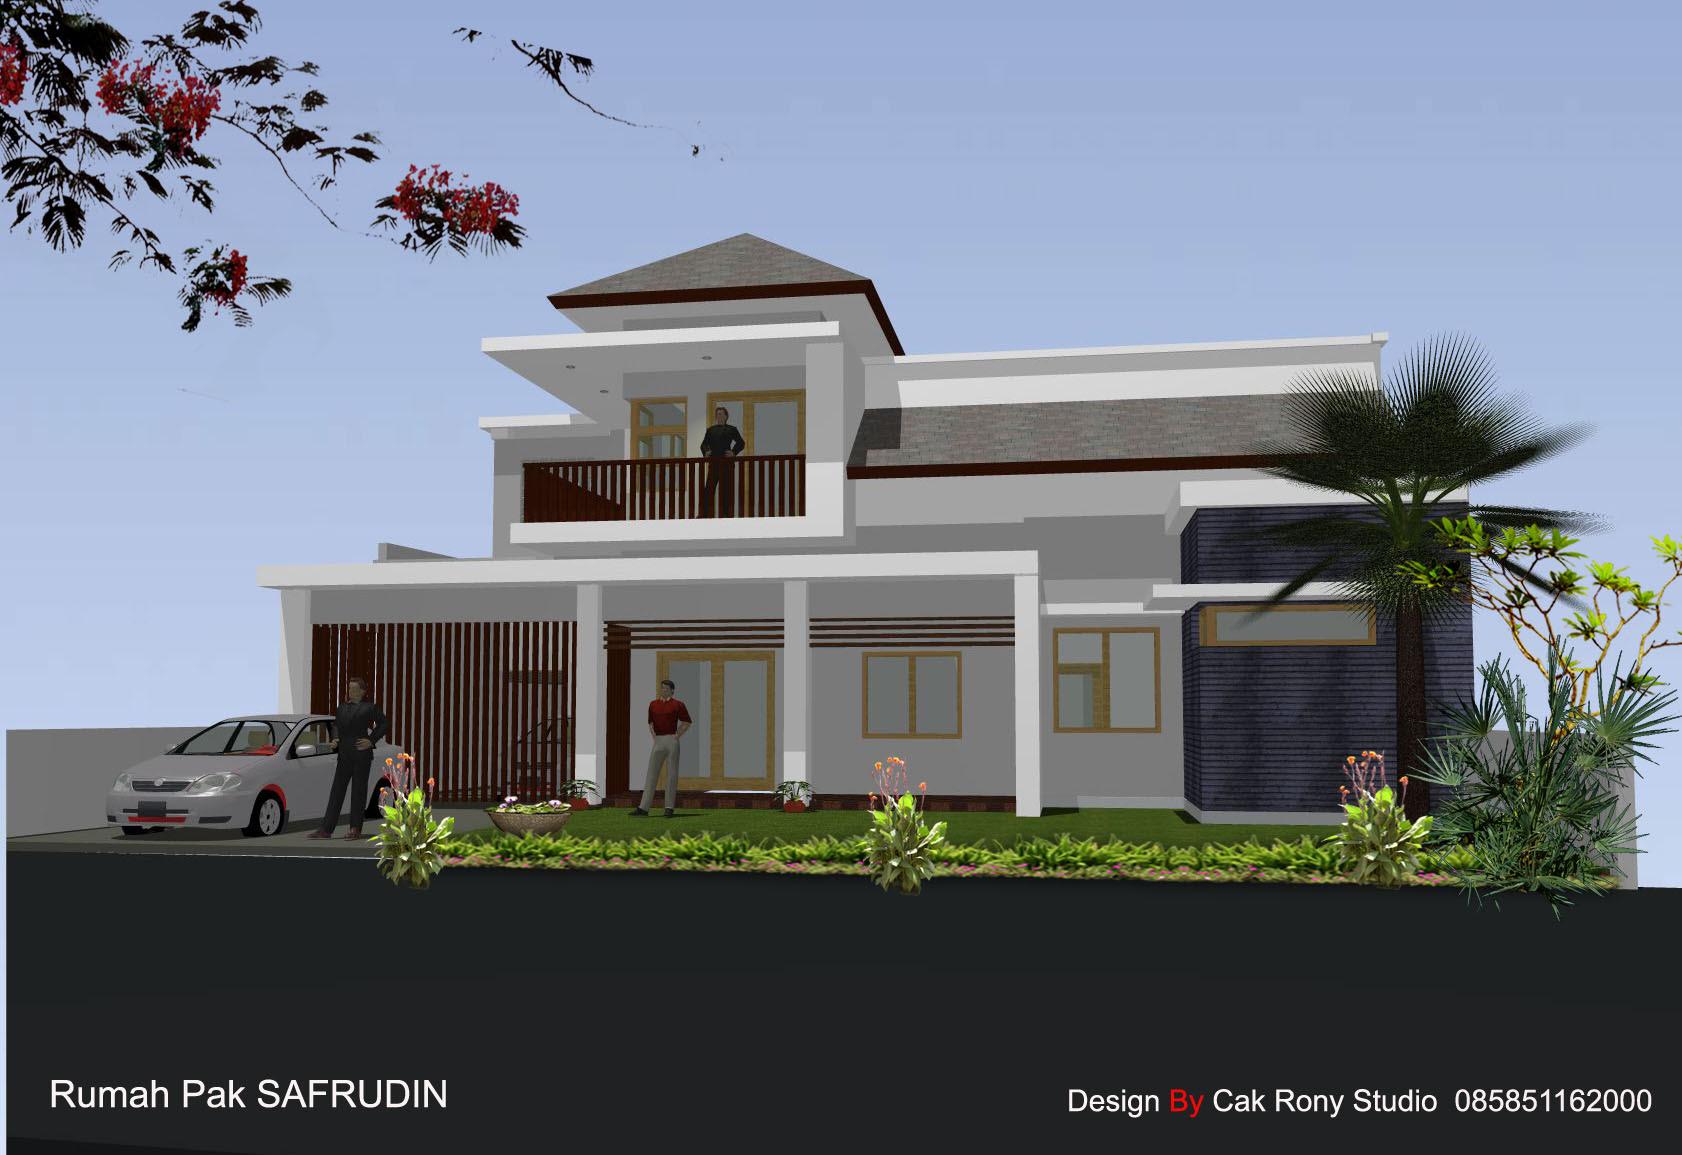 69 Desain Rumah Minimalis Ukuran 8x12 Meter  Desain Rumah Minimalis Terbaru